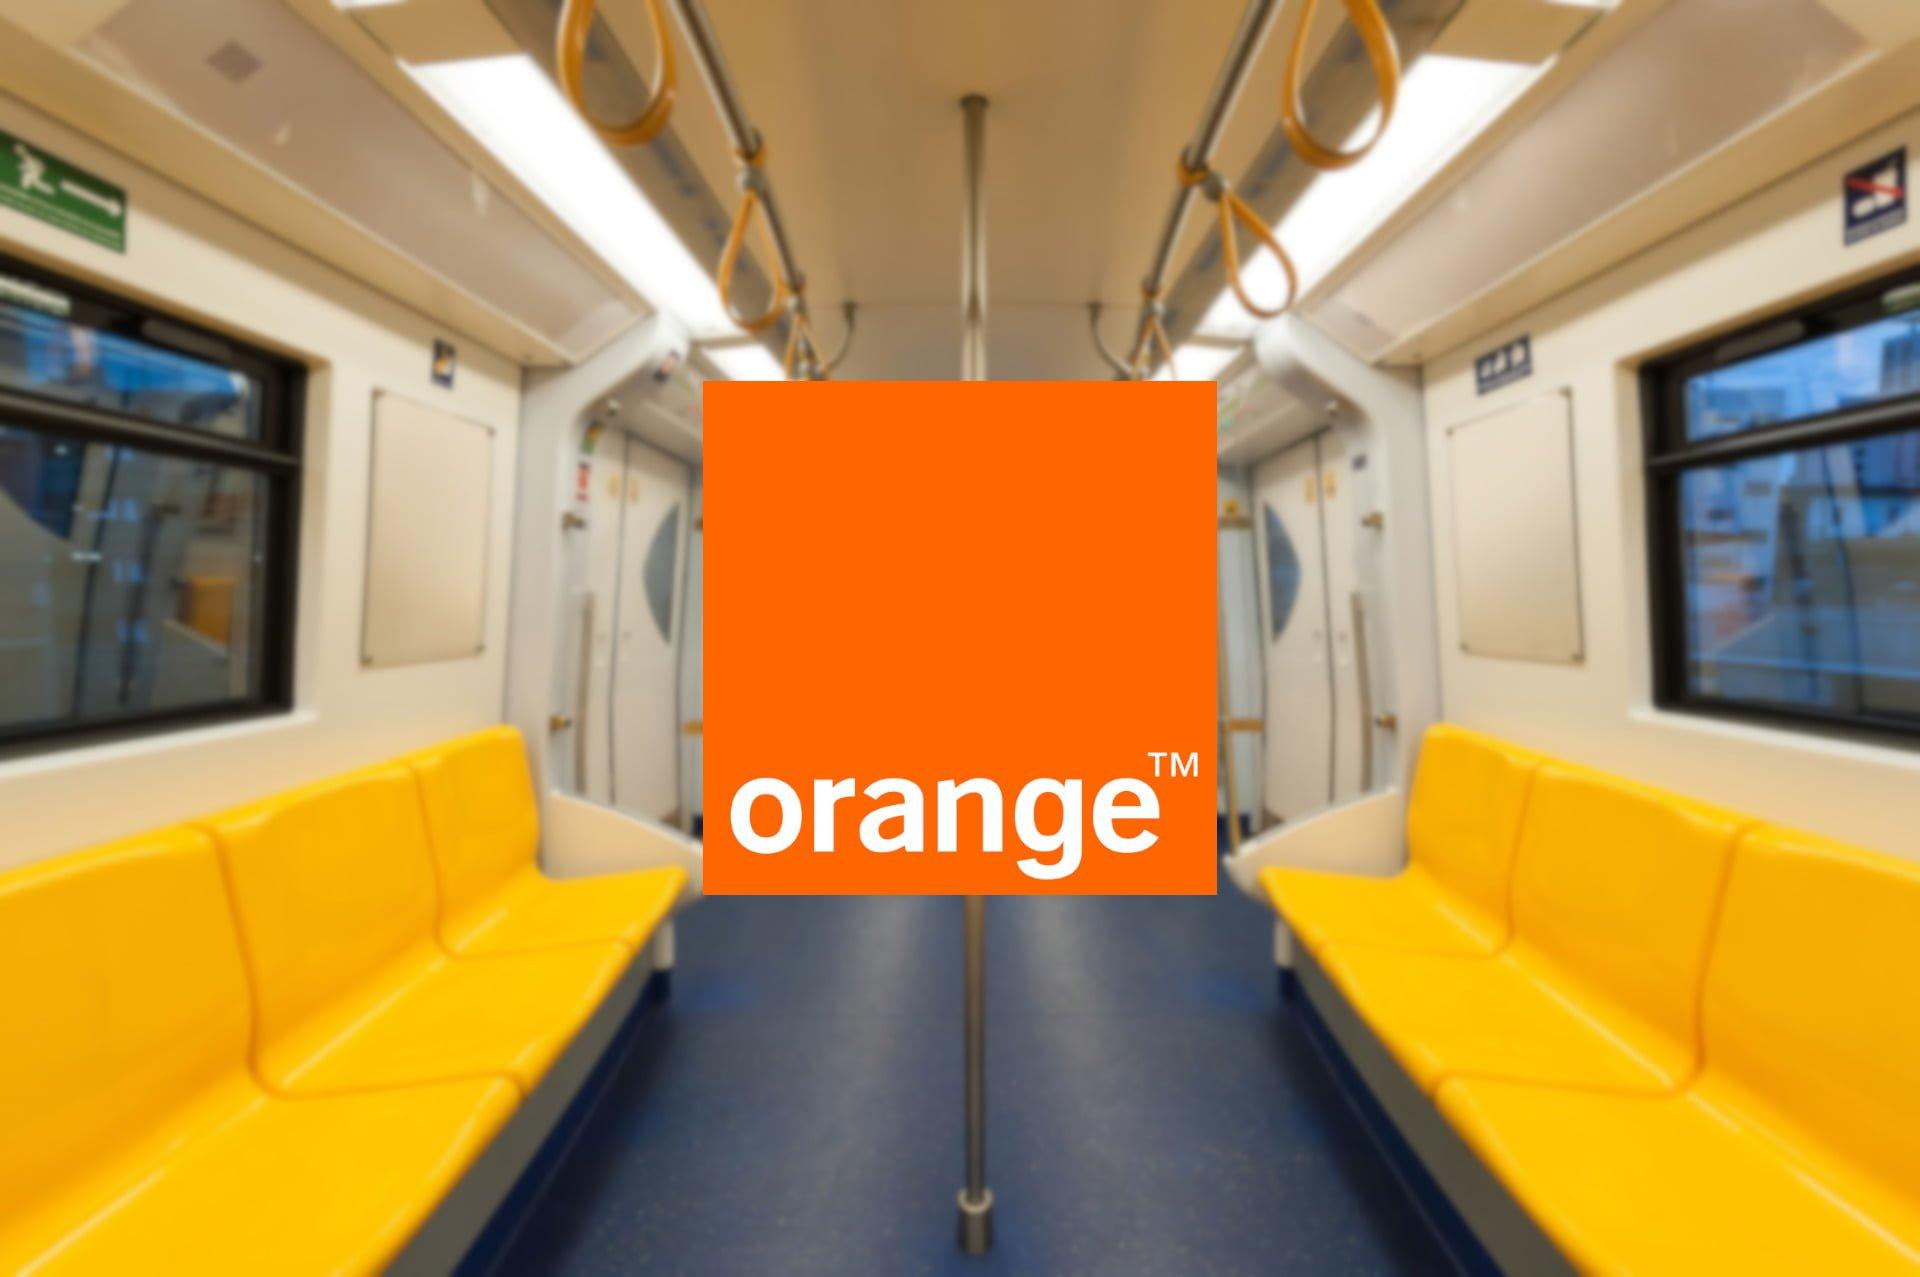 Płatność za bilety komunikacji miejskiej z aplikacji SkyCash doliczymy do rachunku Orange